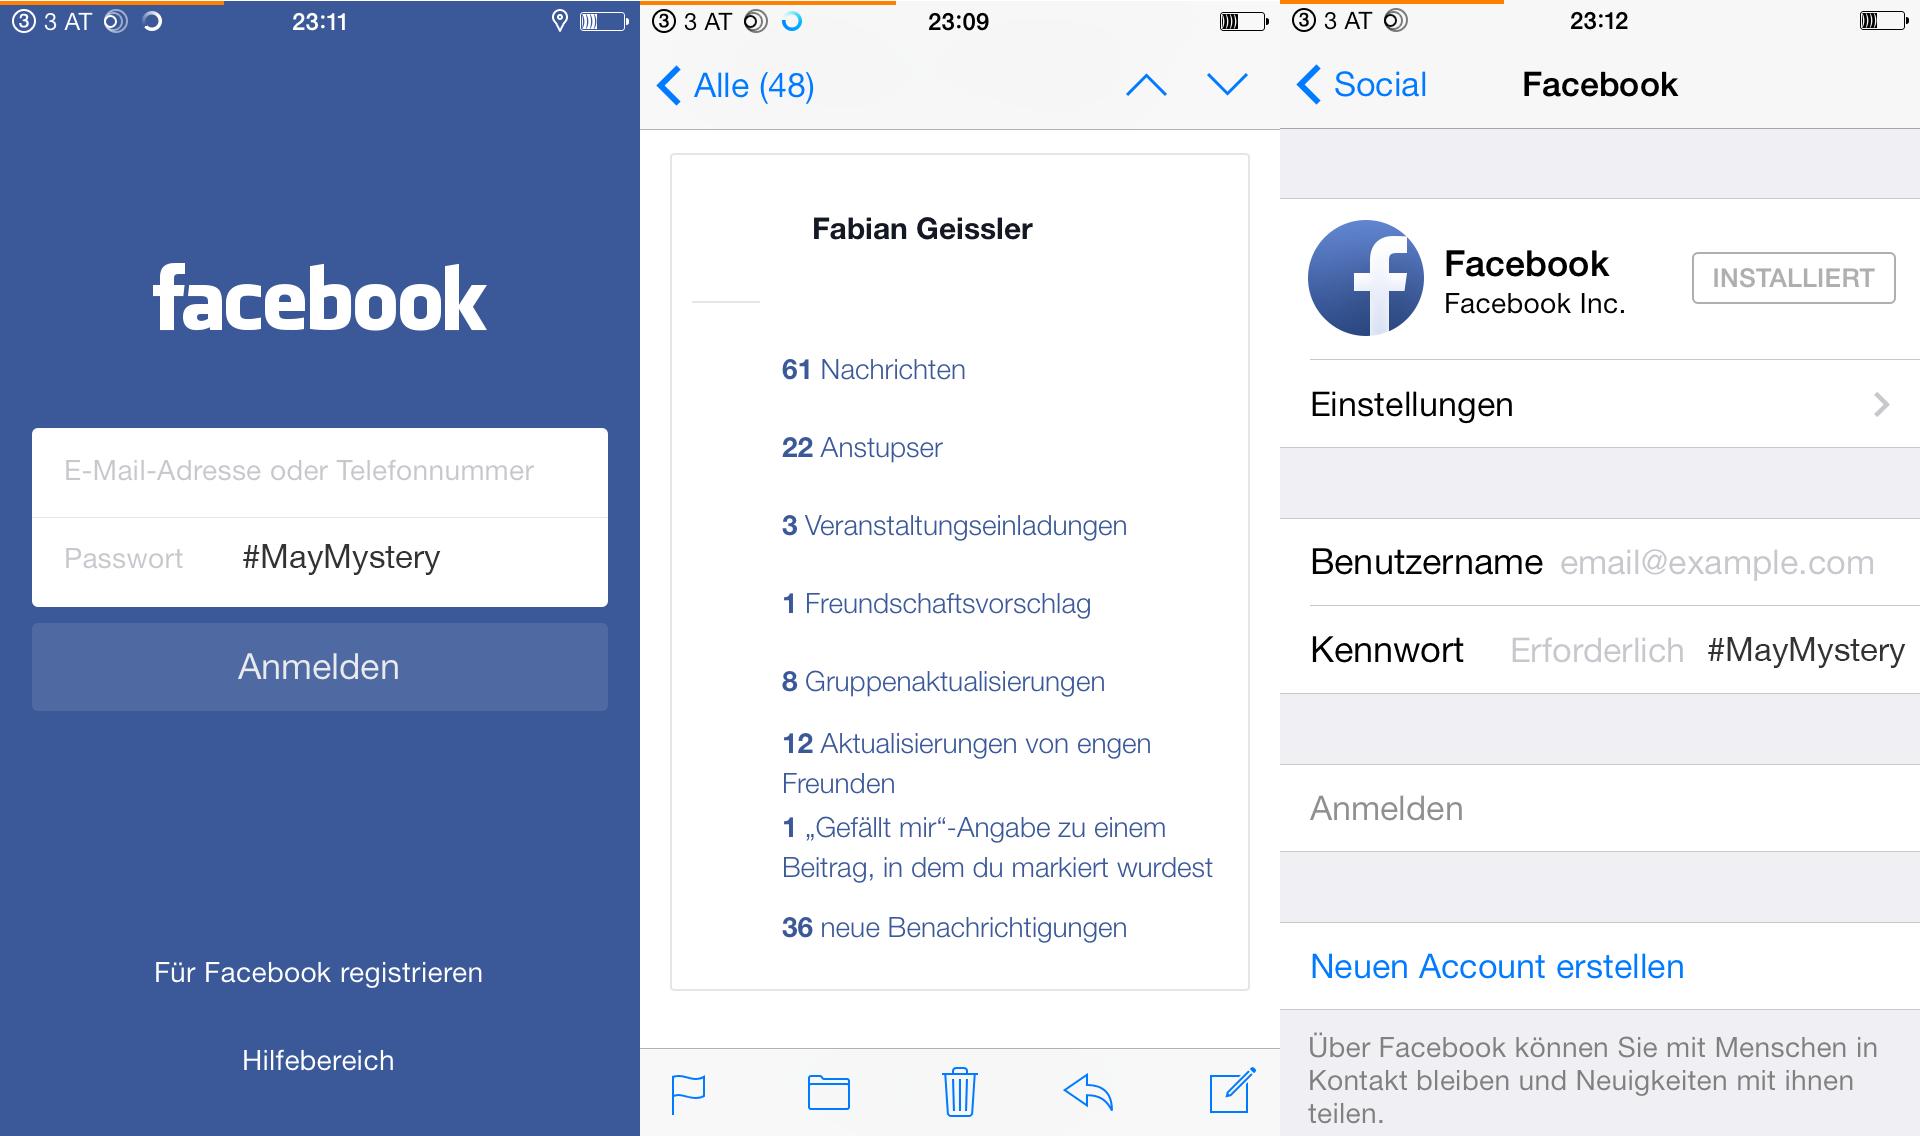 Hack4Life, #MayMystery, Selbstexperiment, Fabian Geissler, Facebook, Benachrichtigungen